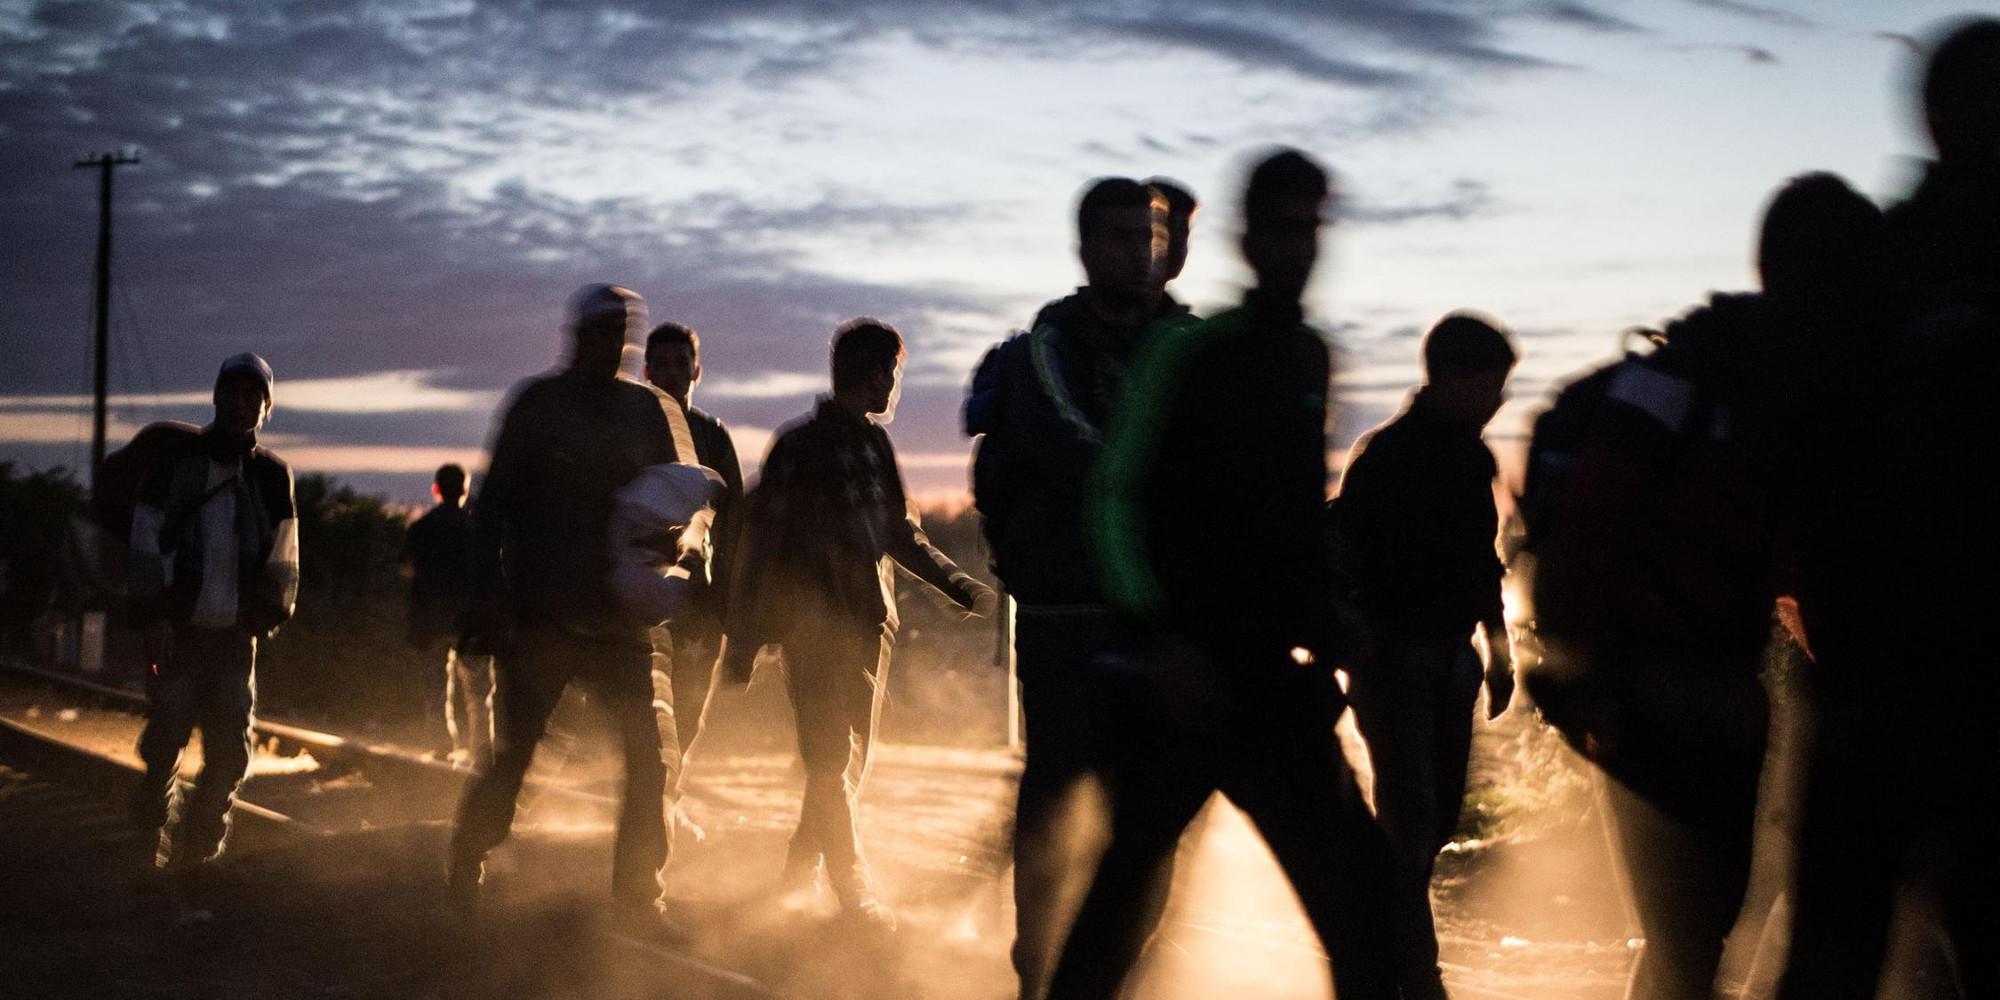 Αποκαλύψεις Μηταράκη: Για ΜΚΟ και για το πως η Τουρκία διευκολύνει τους λαθροδιακινητές μεταναστών